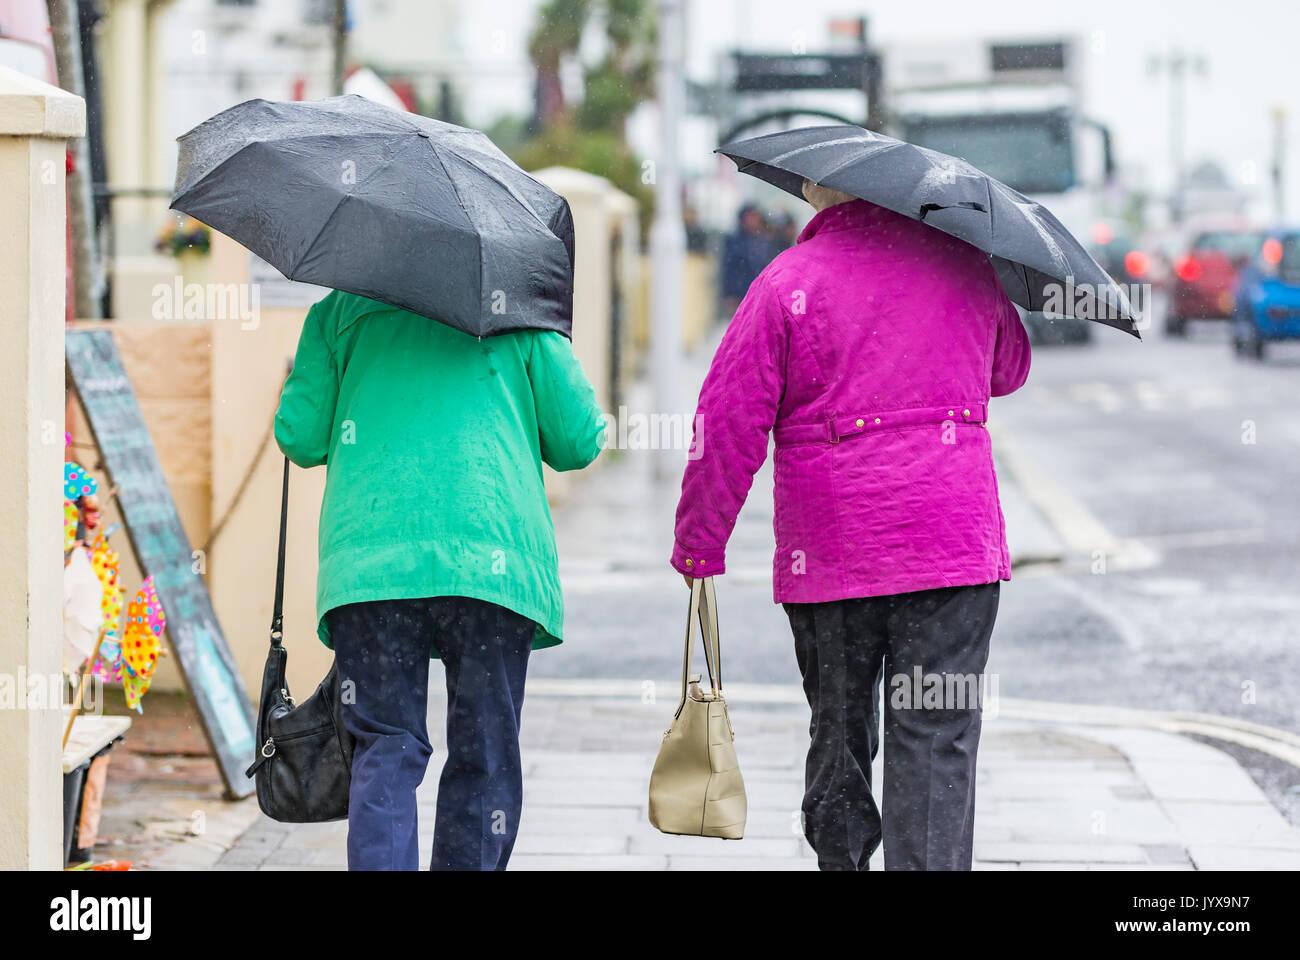 Ansicht der Rückseite des Menschen zu Fuß im Regen mit Sonnenschirmen. Stockbild